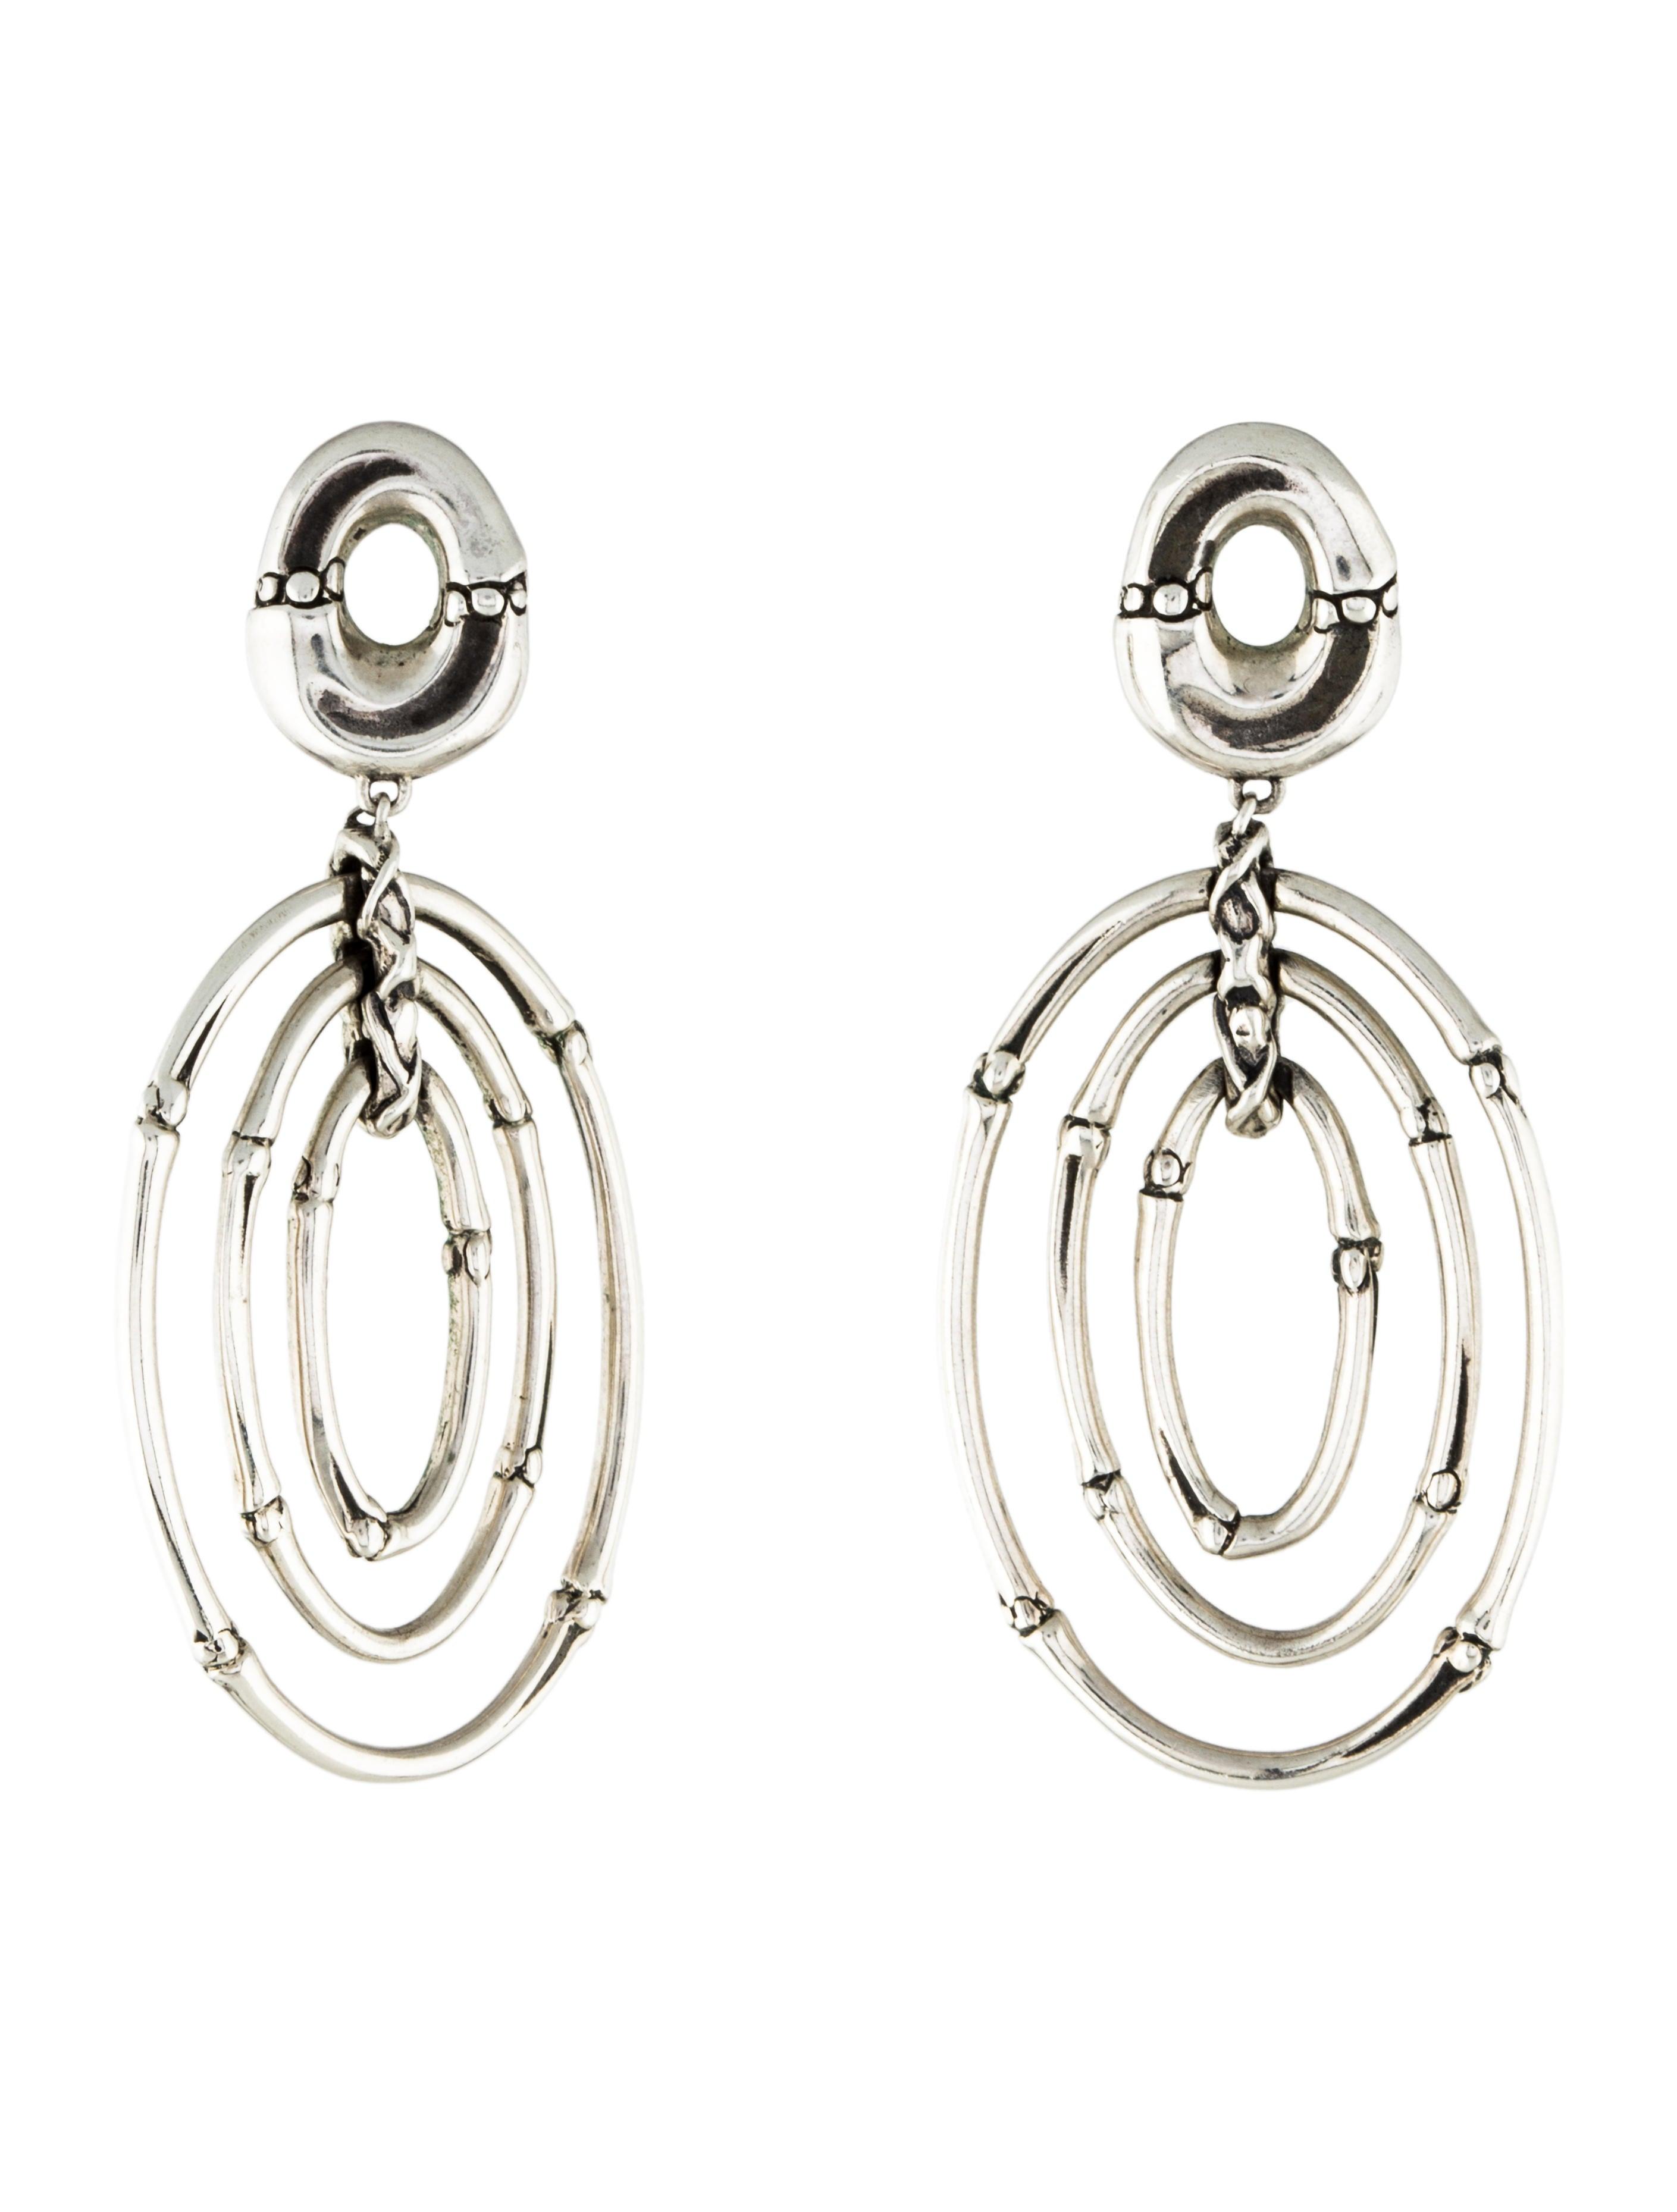 John hardy bamboo oval drop earrings earrings jha27637 for John hardy jewelry earrings